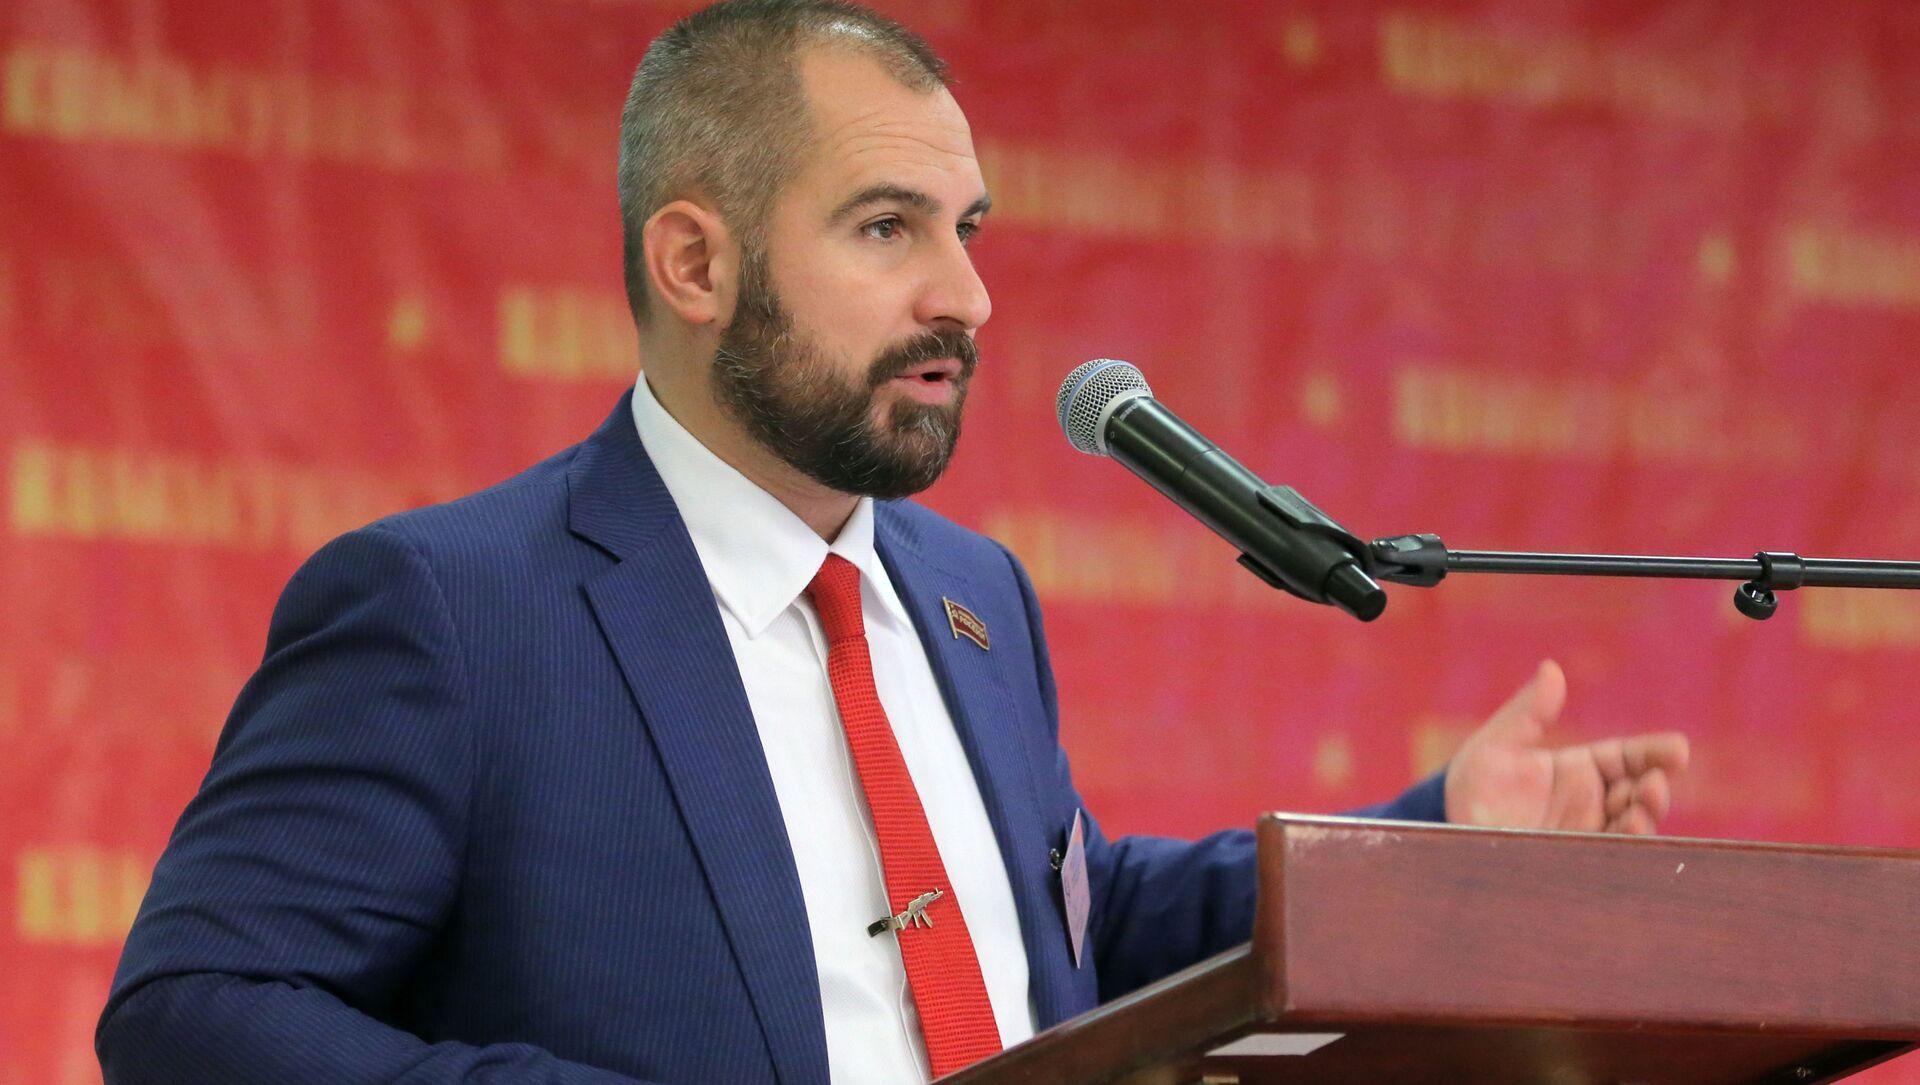 """Ông Maxim Suraikin phát biểu tại Đại hội đảng """"Những người Cộng sản Nga"""" - Sputnik Việt Nam, 1920, 30.03.2021"""